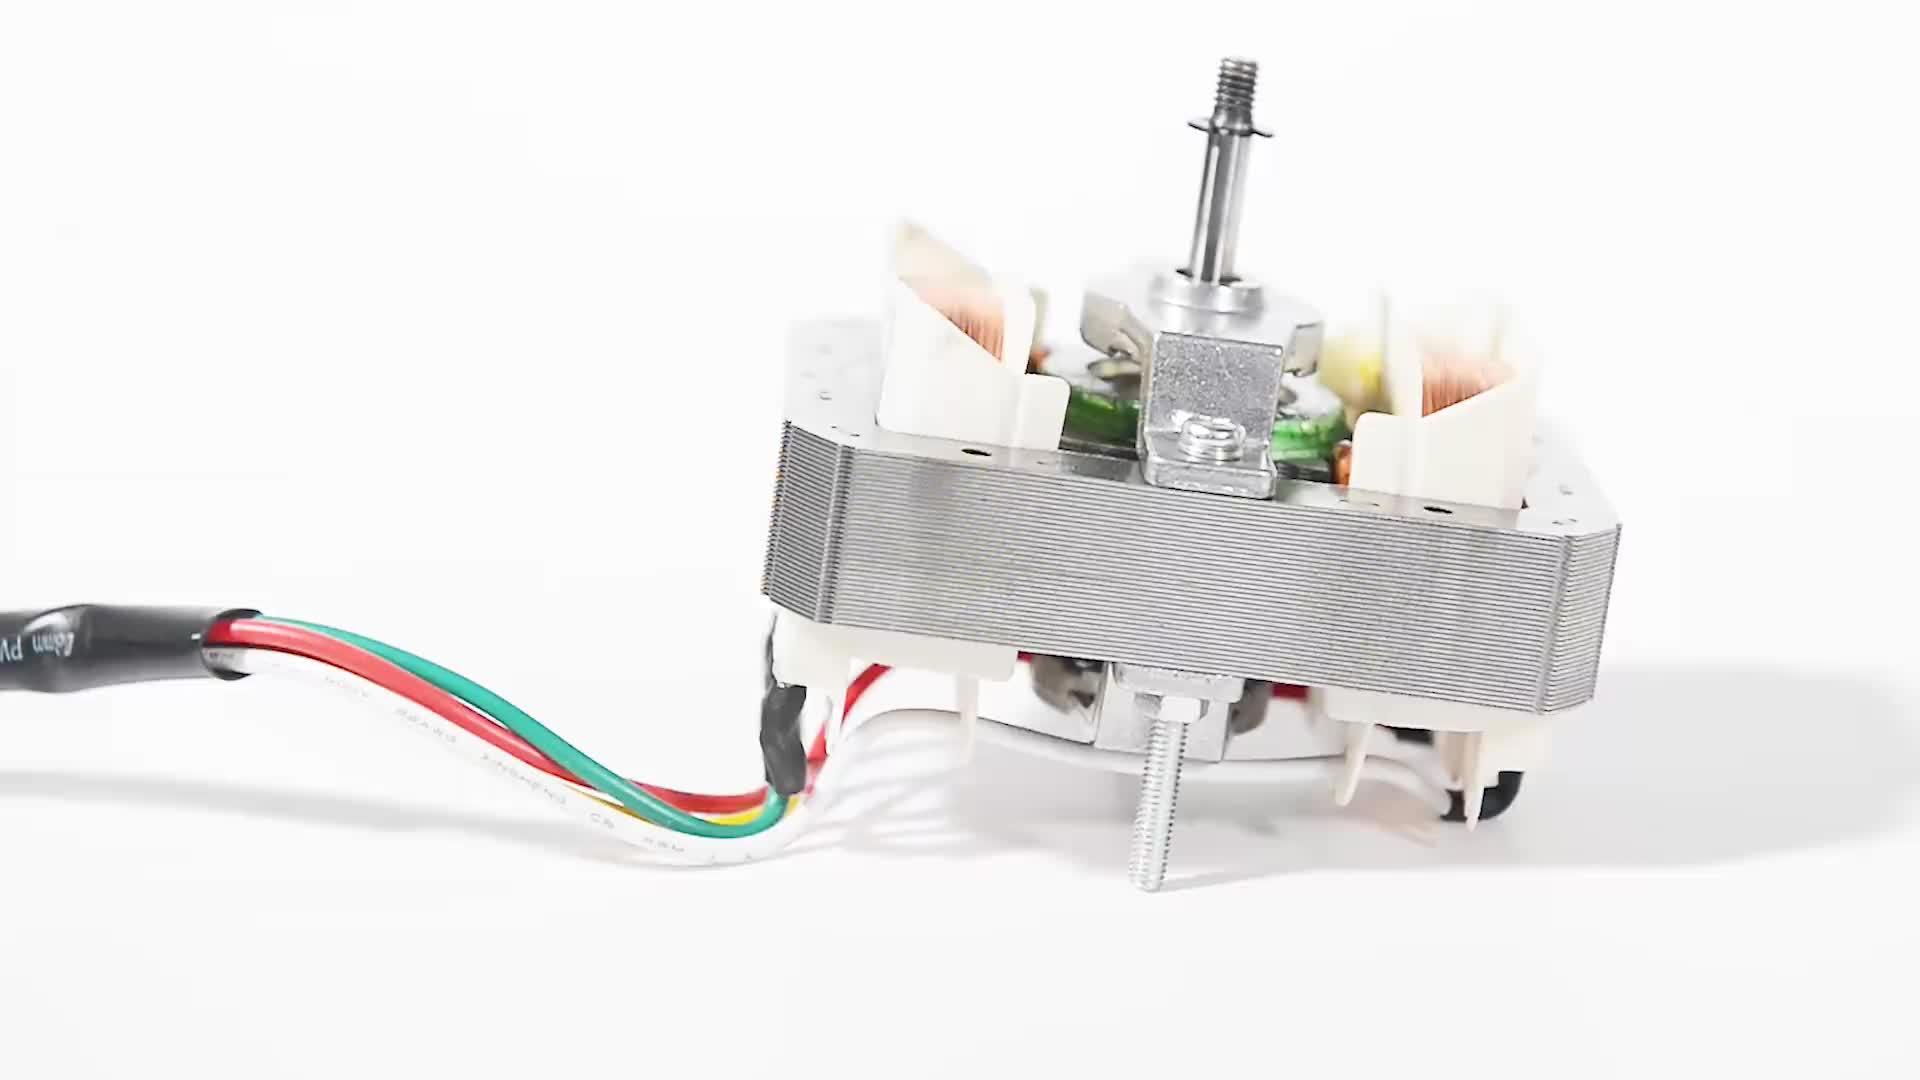 Tốt giá phổ động cơ quạt điện/shade cực động cơ cực bóng mờ rotor stator